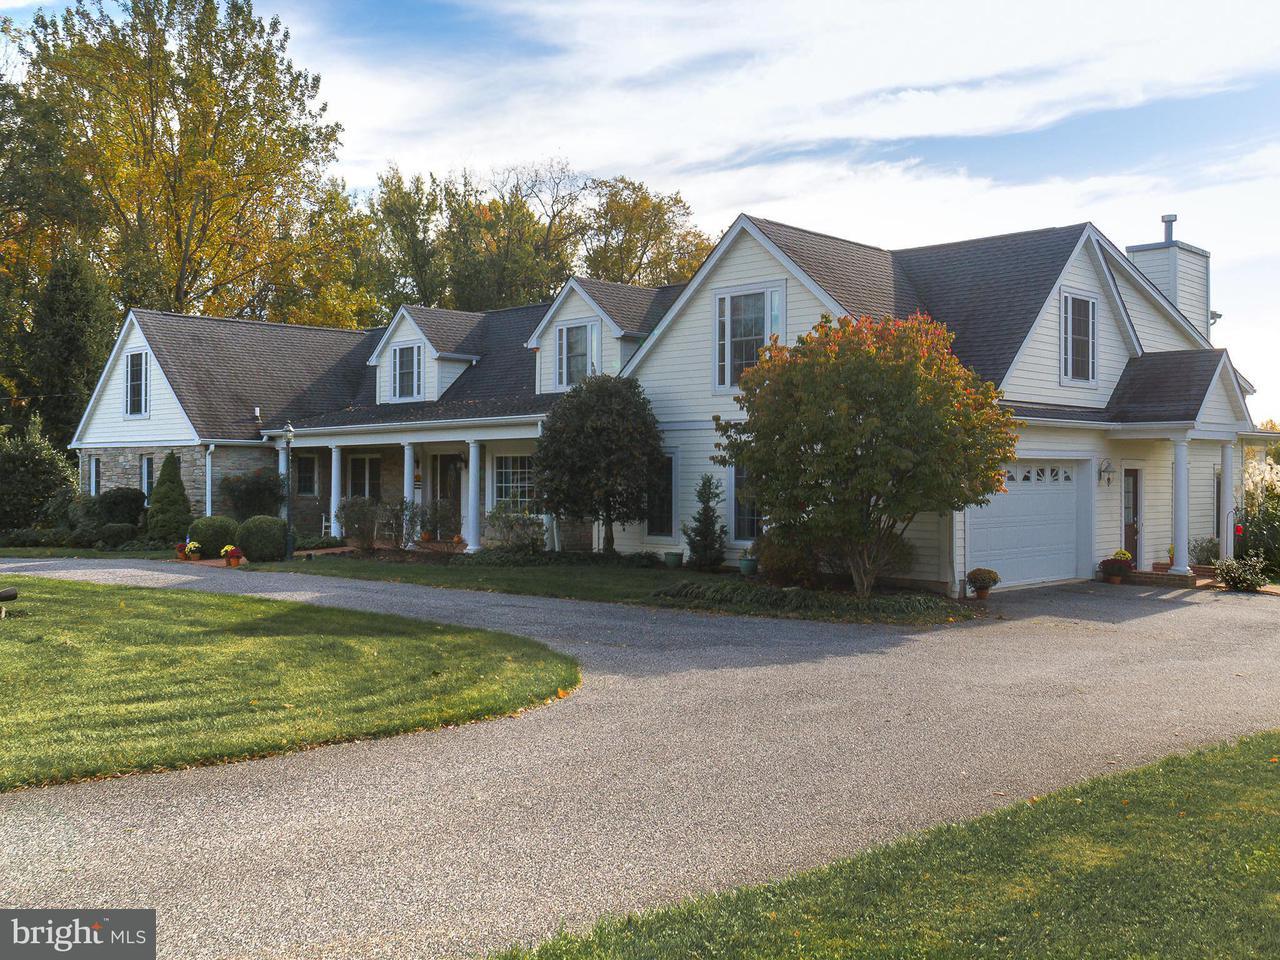 단독 가정 주택 용 매매 에 17122 TROYER Road 17122 TROYER Road Monkton, 메릴랜드 21111 미국